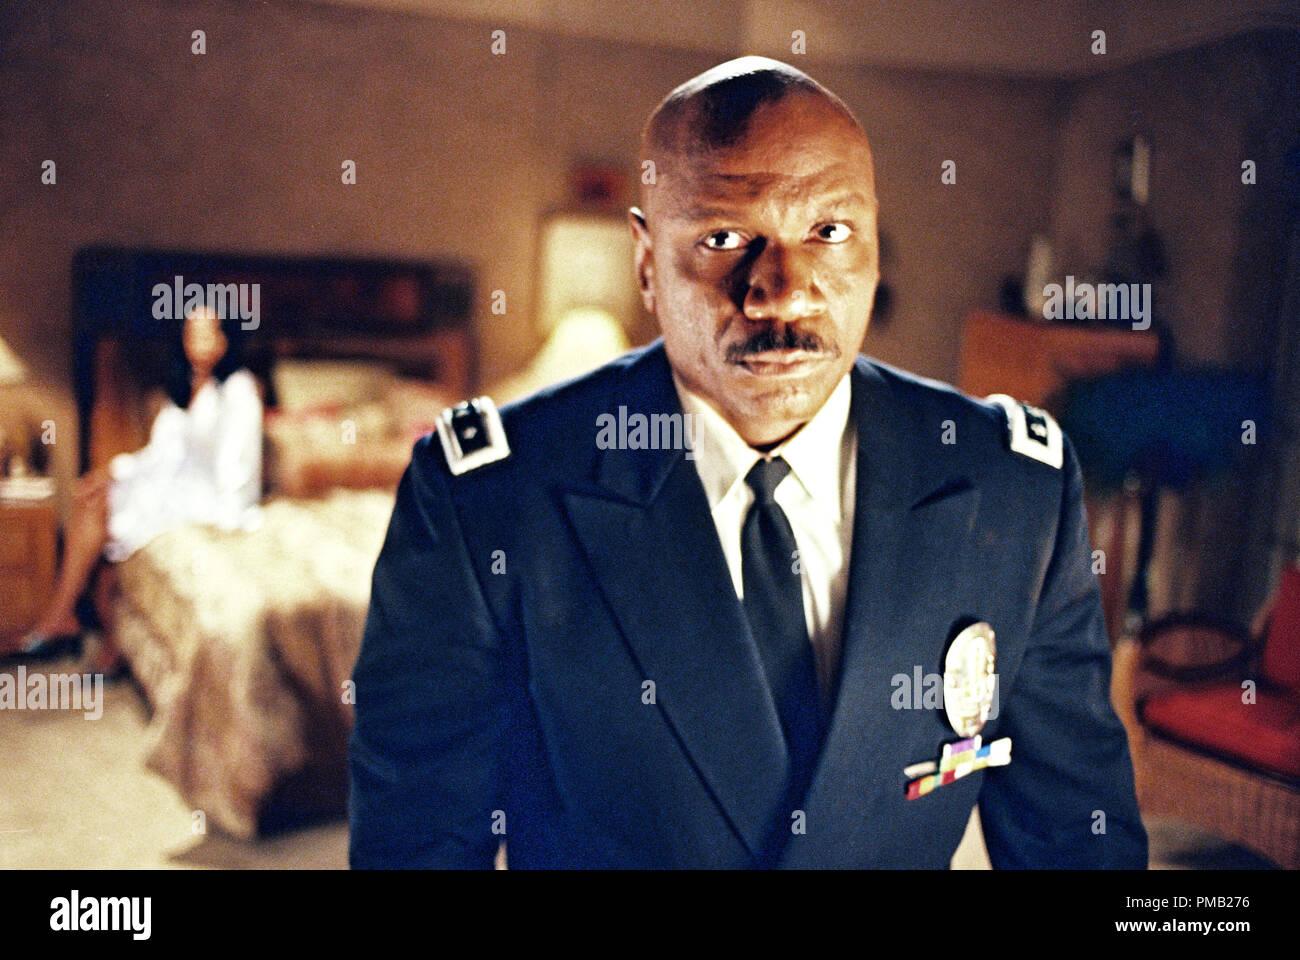 VING RHAMES stars comme L.A.P.D. Sous-chef Arthur Holland dans United Artists' drama bleu foncé. (2003) Photo Stock